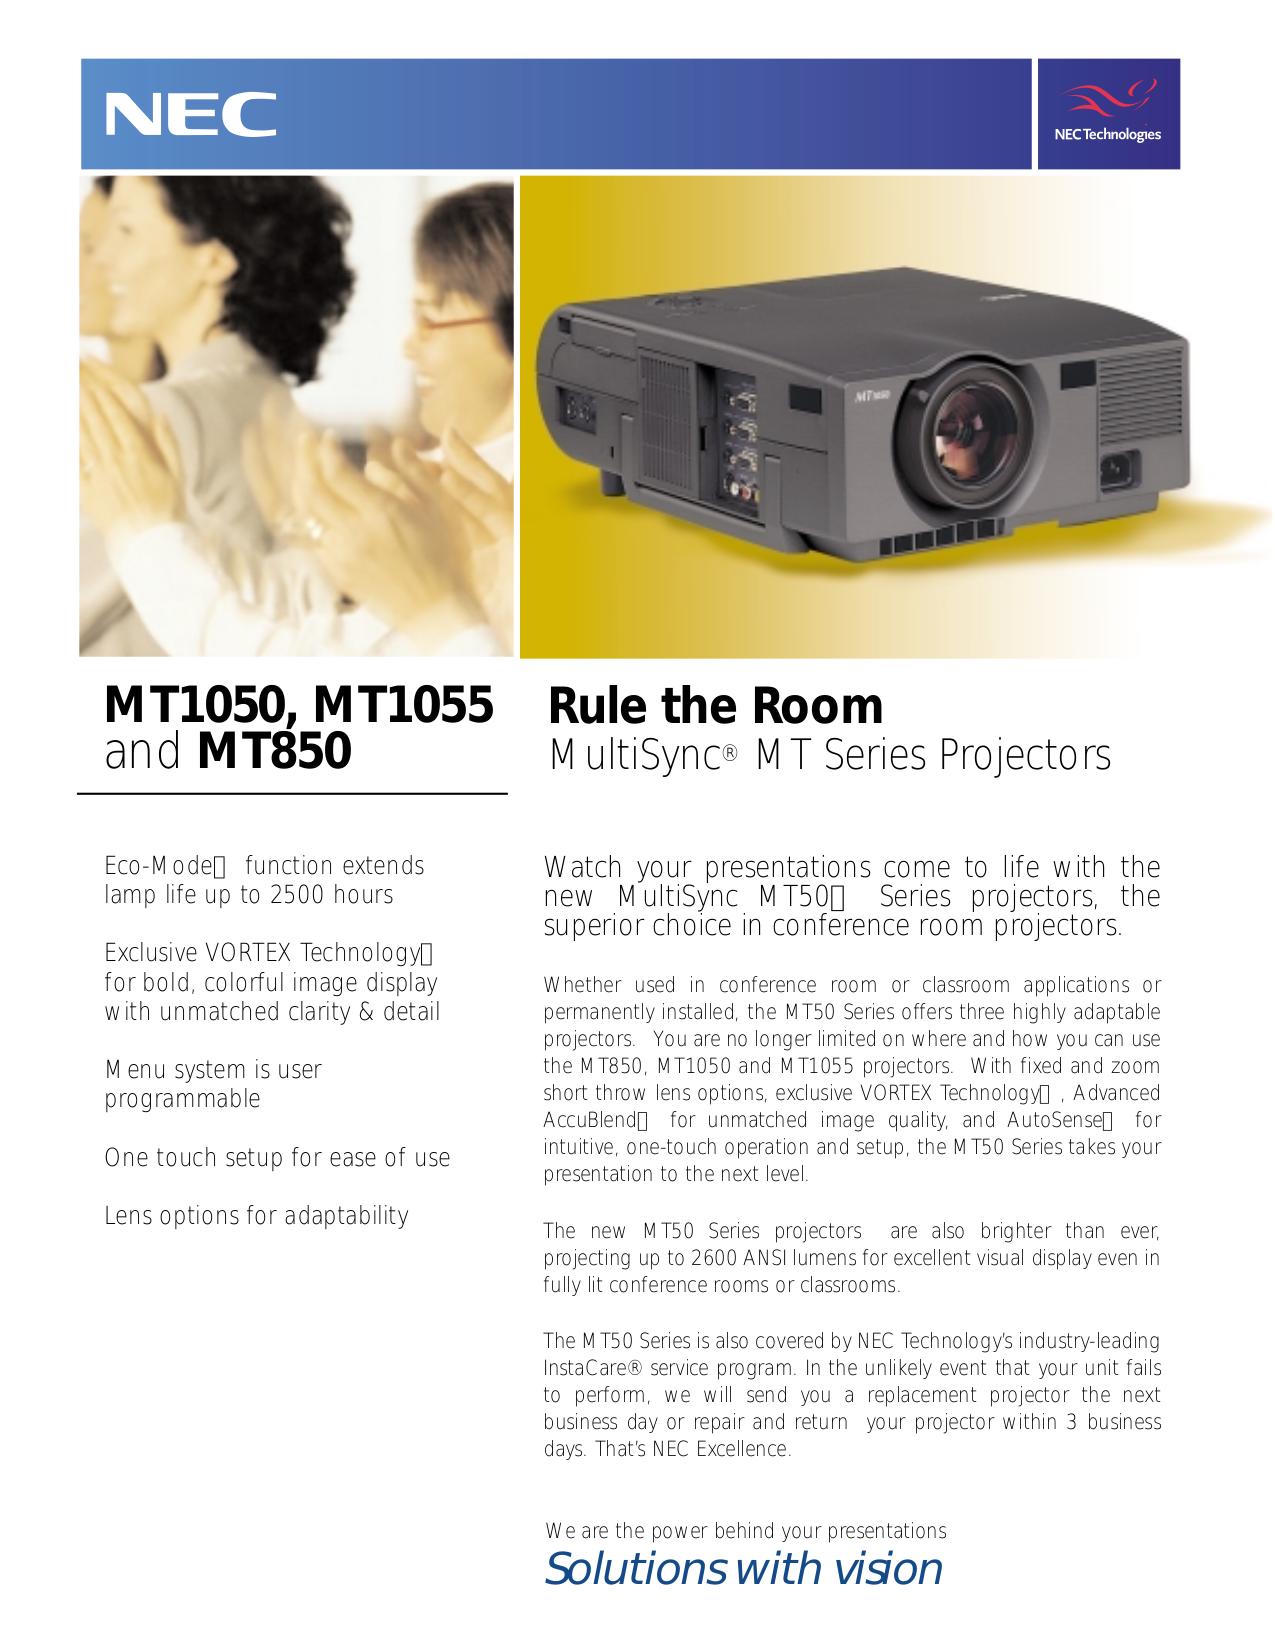 download free pdf for nec mt1050 projector manual rh umlib com NEC User Manual NEC Projectors Offical Web Site